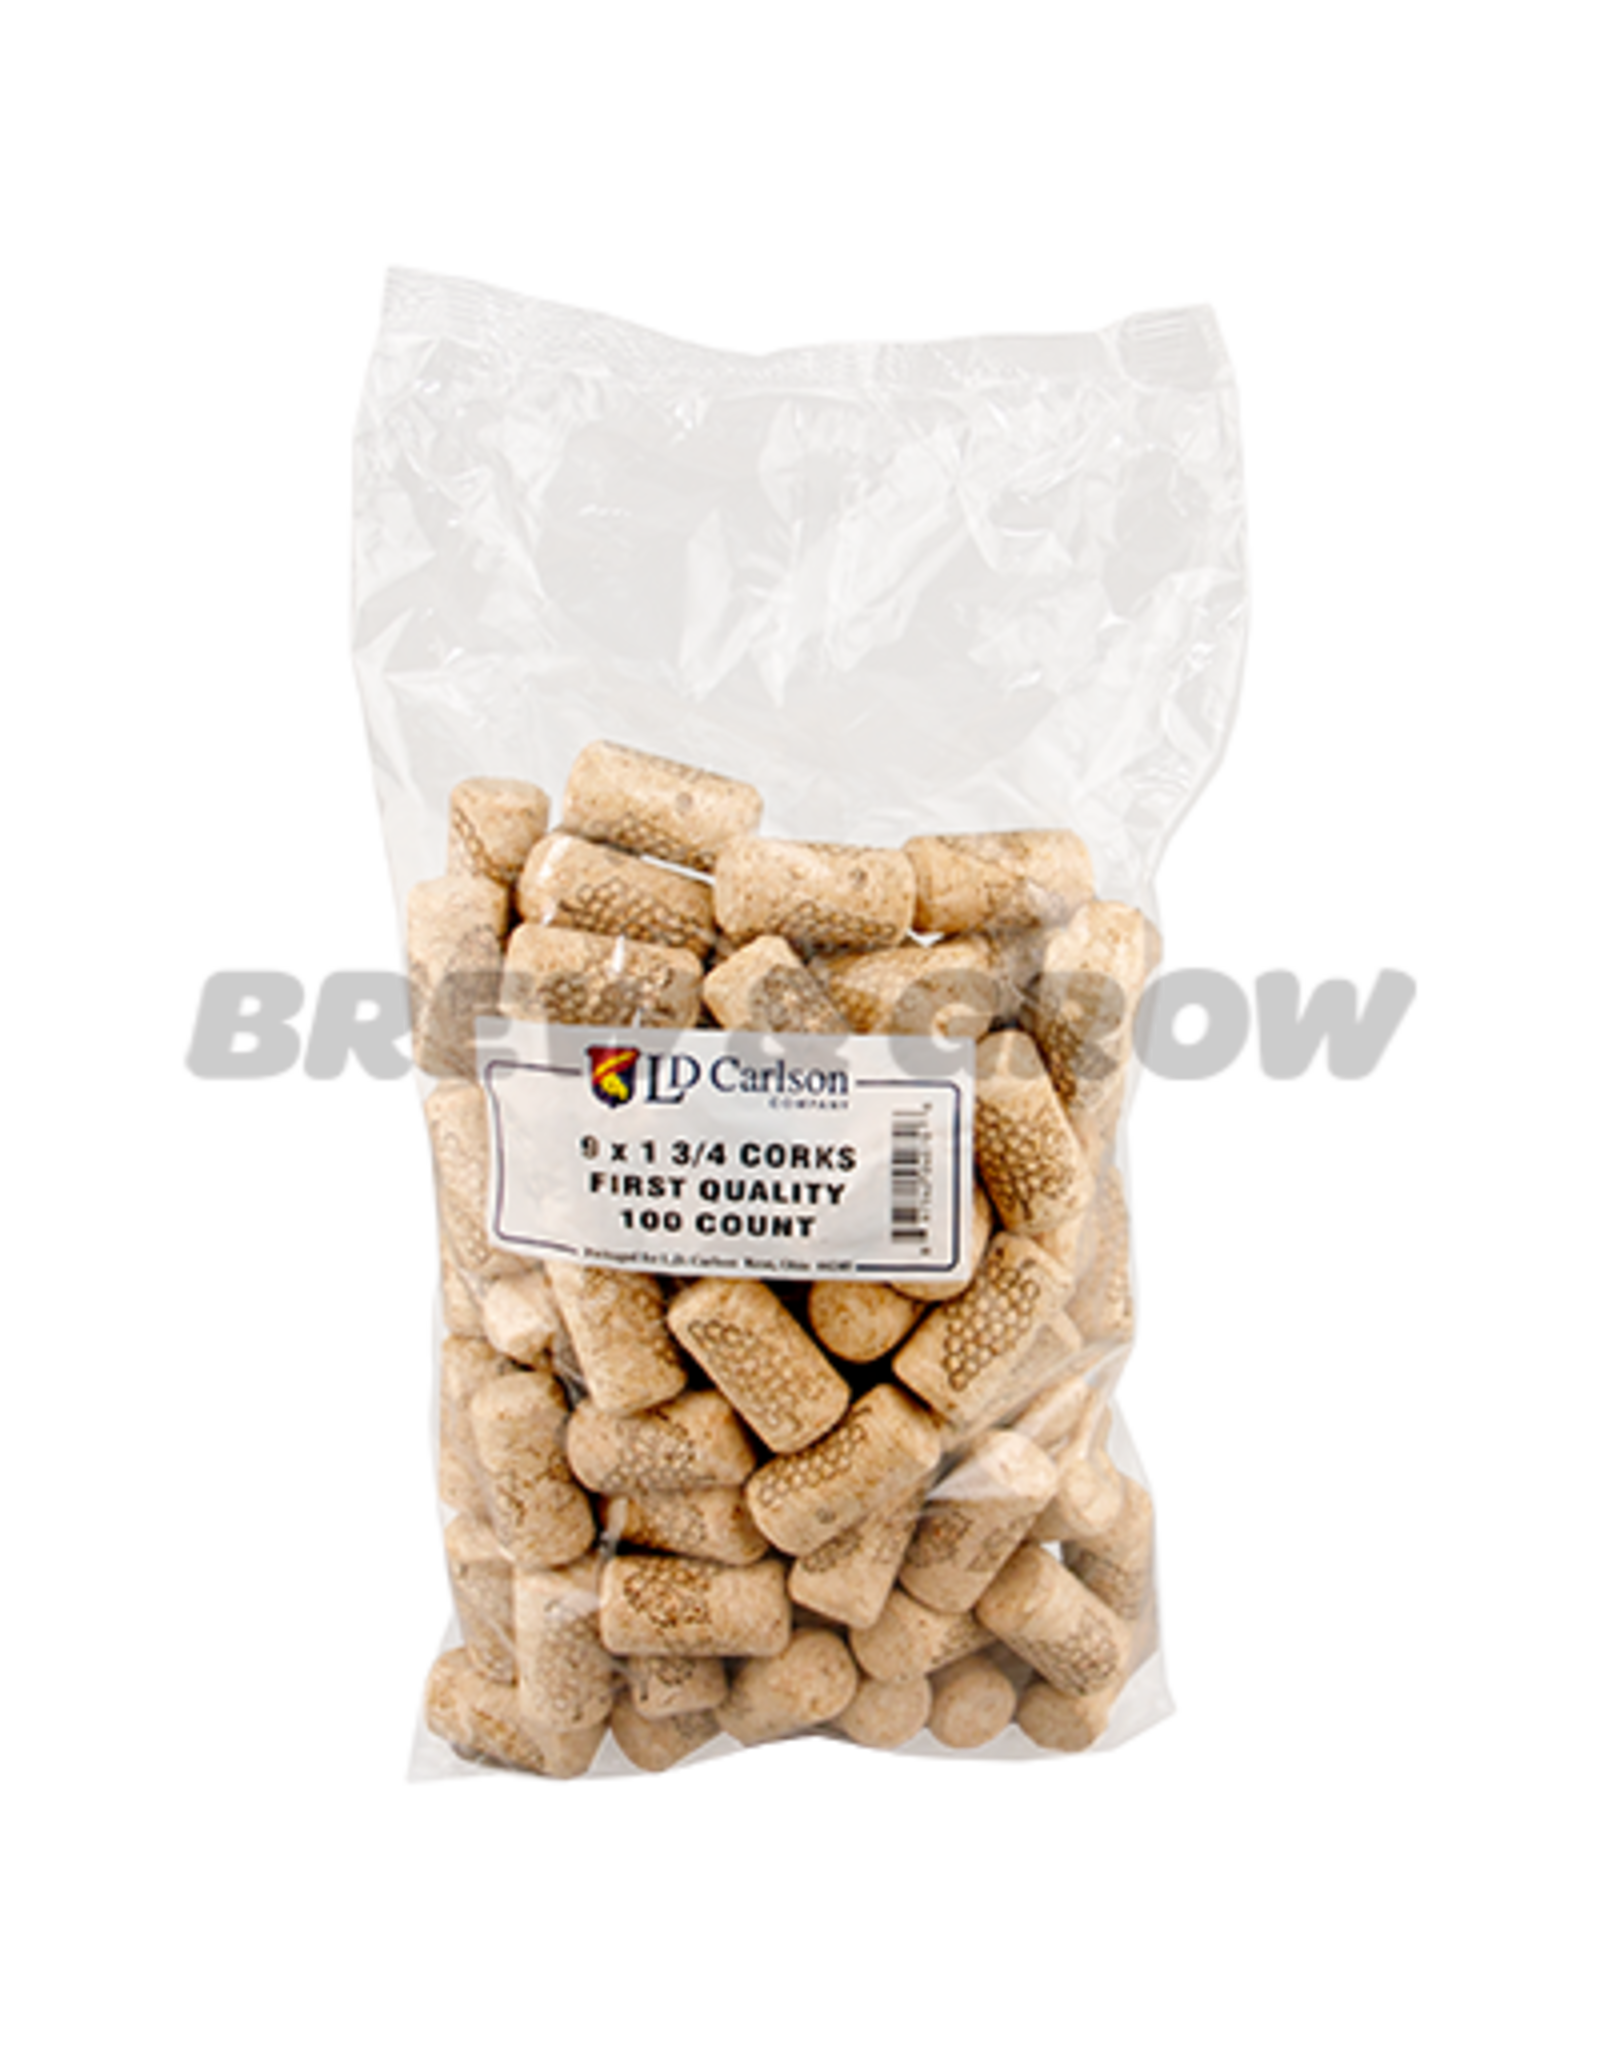 Corks 9 X 1 3/4 (100 Per Bag)